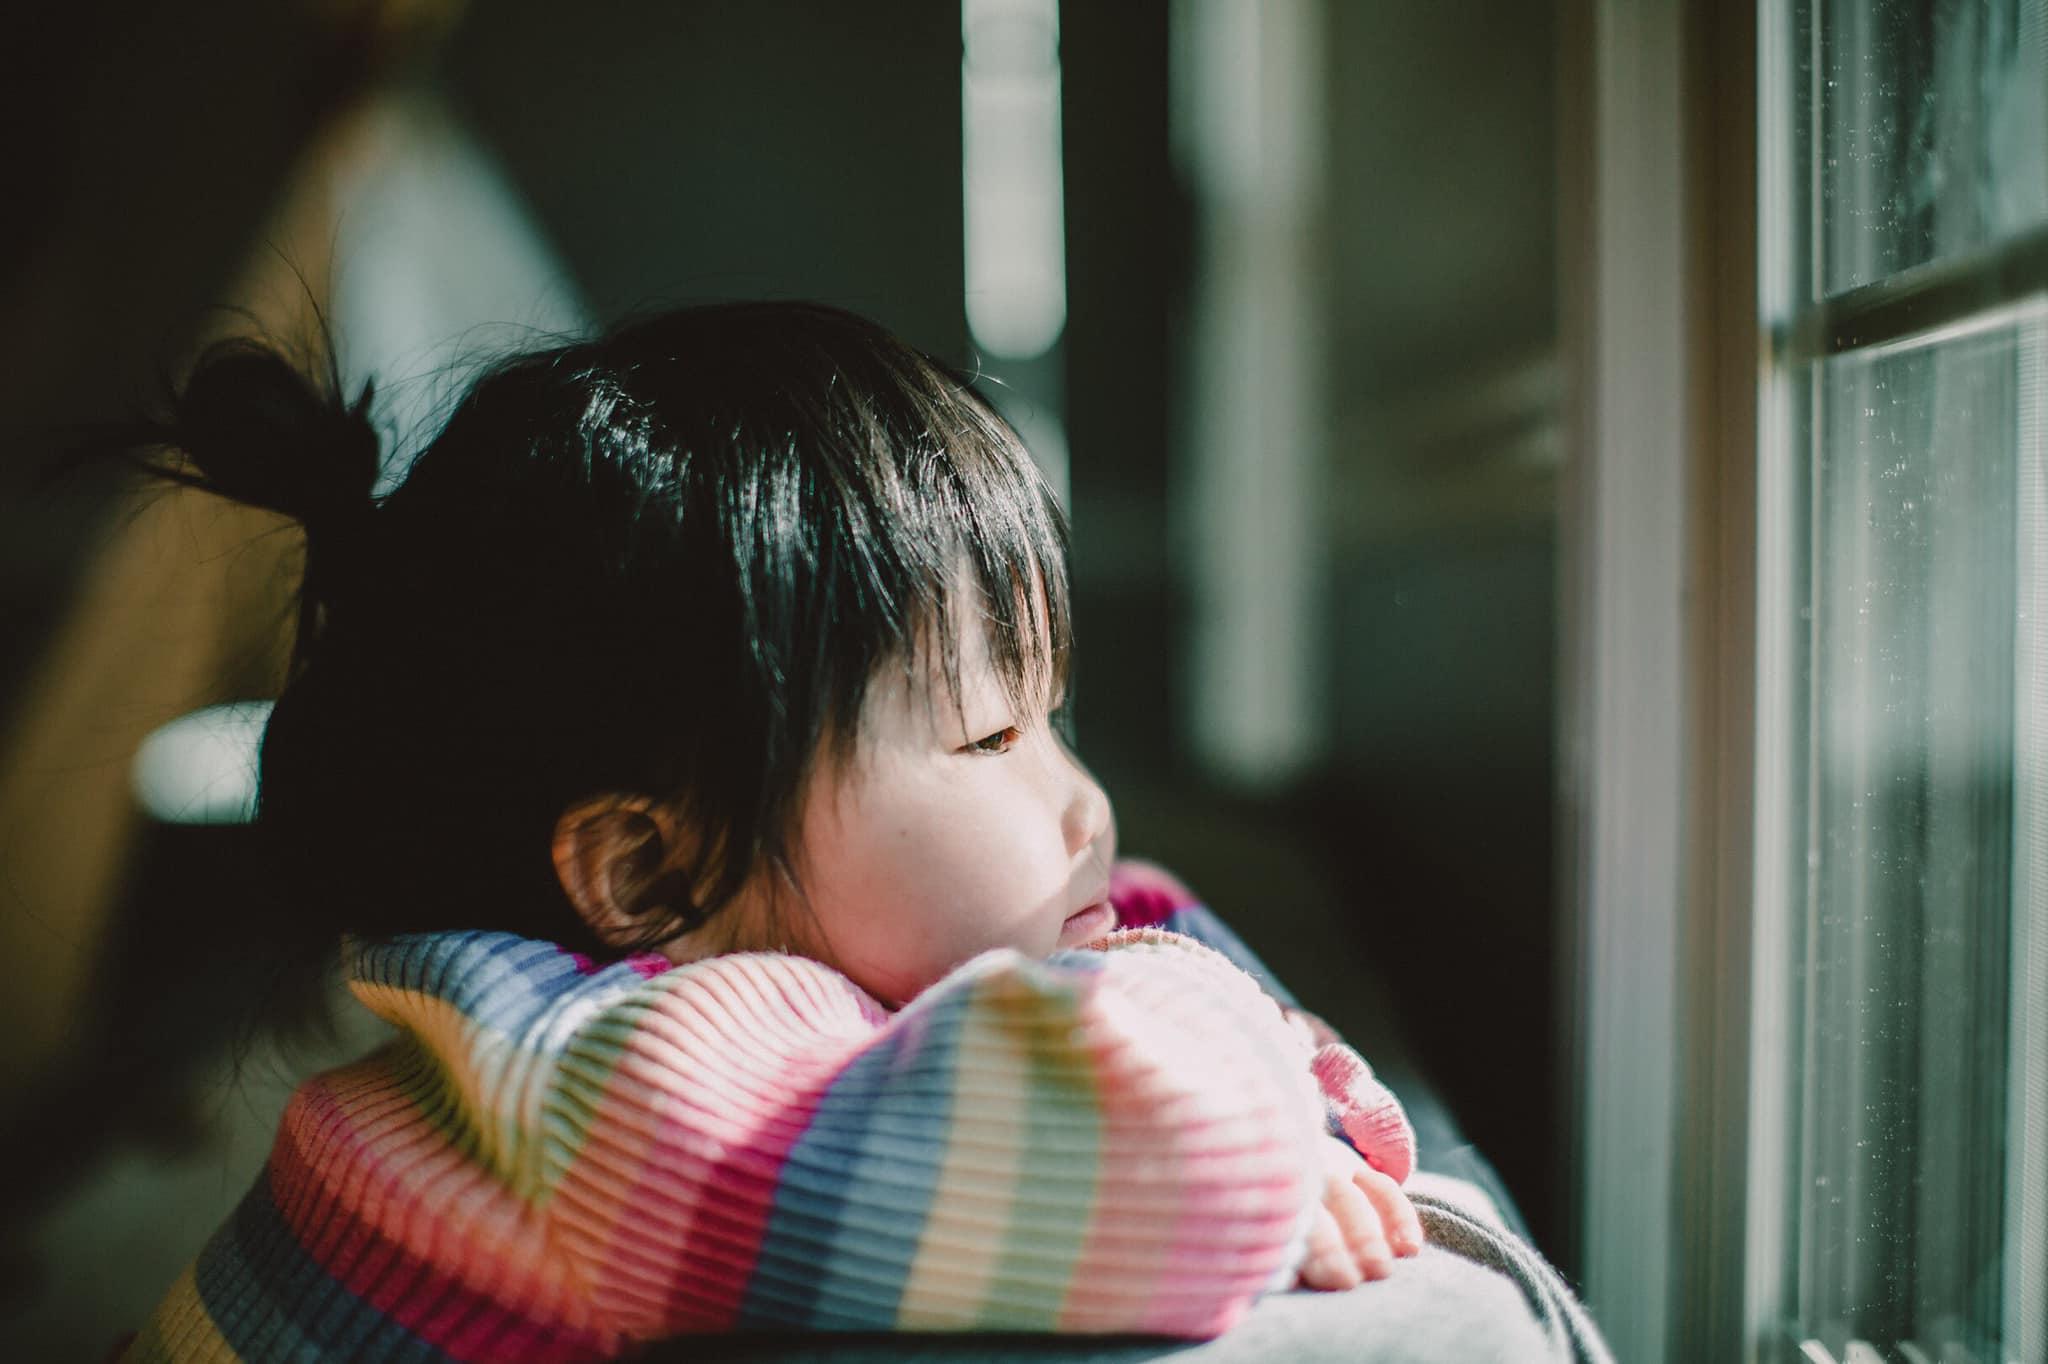 franklin-nashville-family photographer-siblings24.jpg